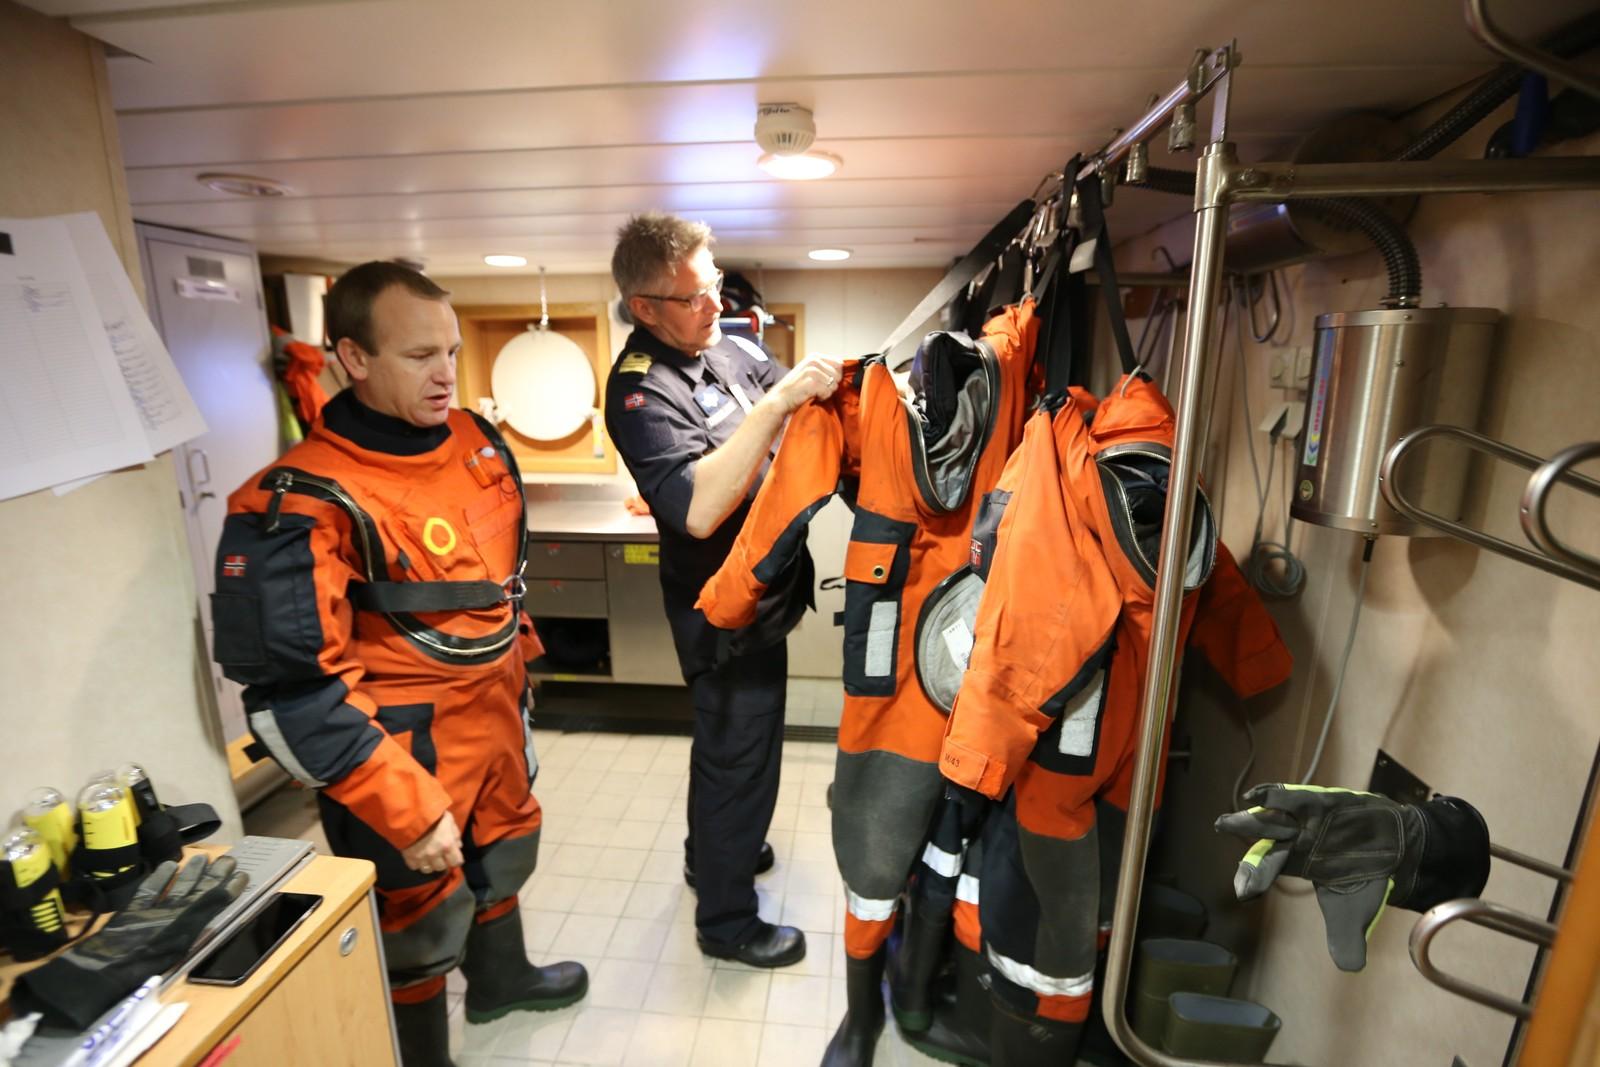 FLYTEDRAKTEN PÅ: Vaktsjef og takkeloffiser Andreas Marstrander (til v.) og operasjonsoffiser Gunnar Dyngeland kler seg om til patruljetokt i garderoben. Overlevingsdrakter er påbudt når de skal ut i lettbåten.